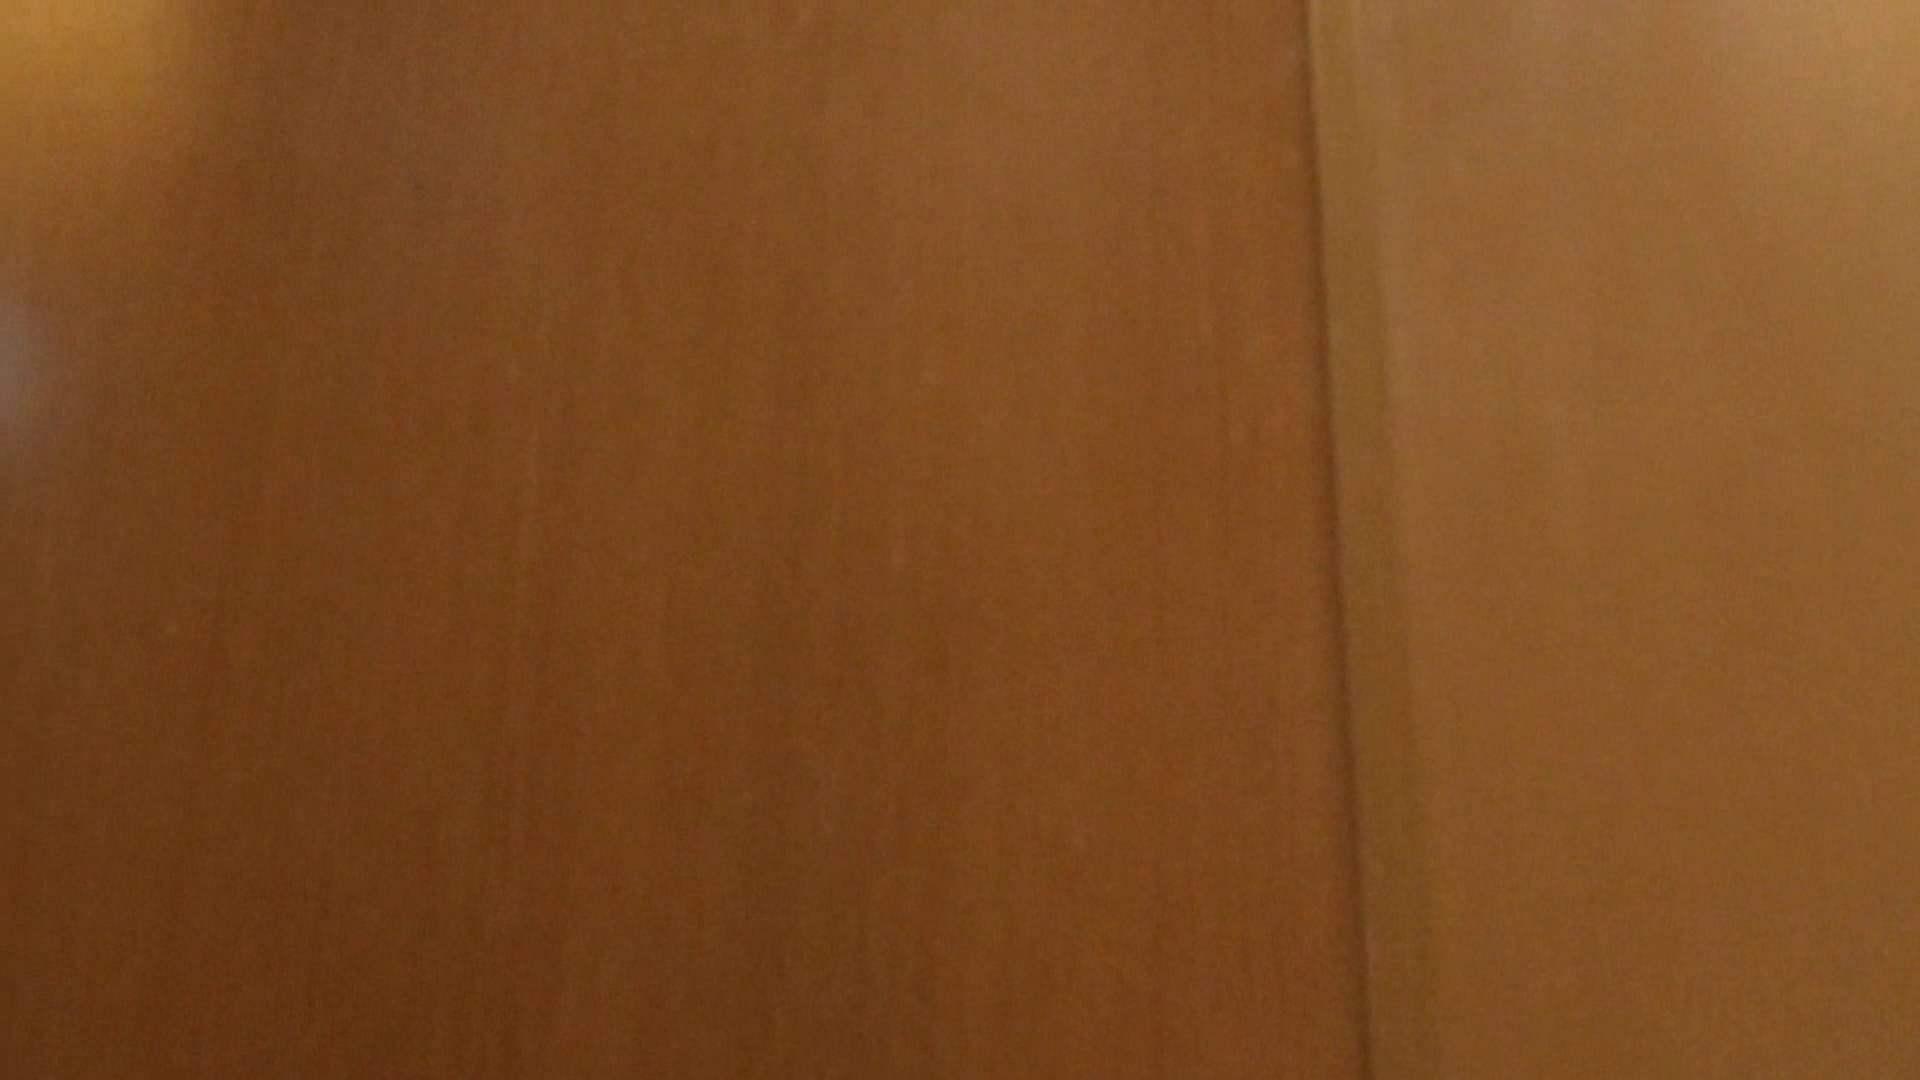 「噂」の国の厠観察日記2 Vol.02 人気シリーズ AV無料動画キャプチャ 96枚 11